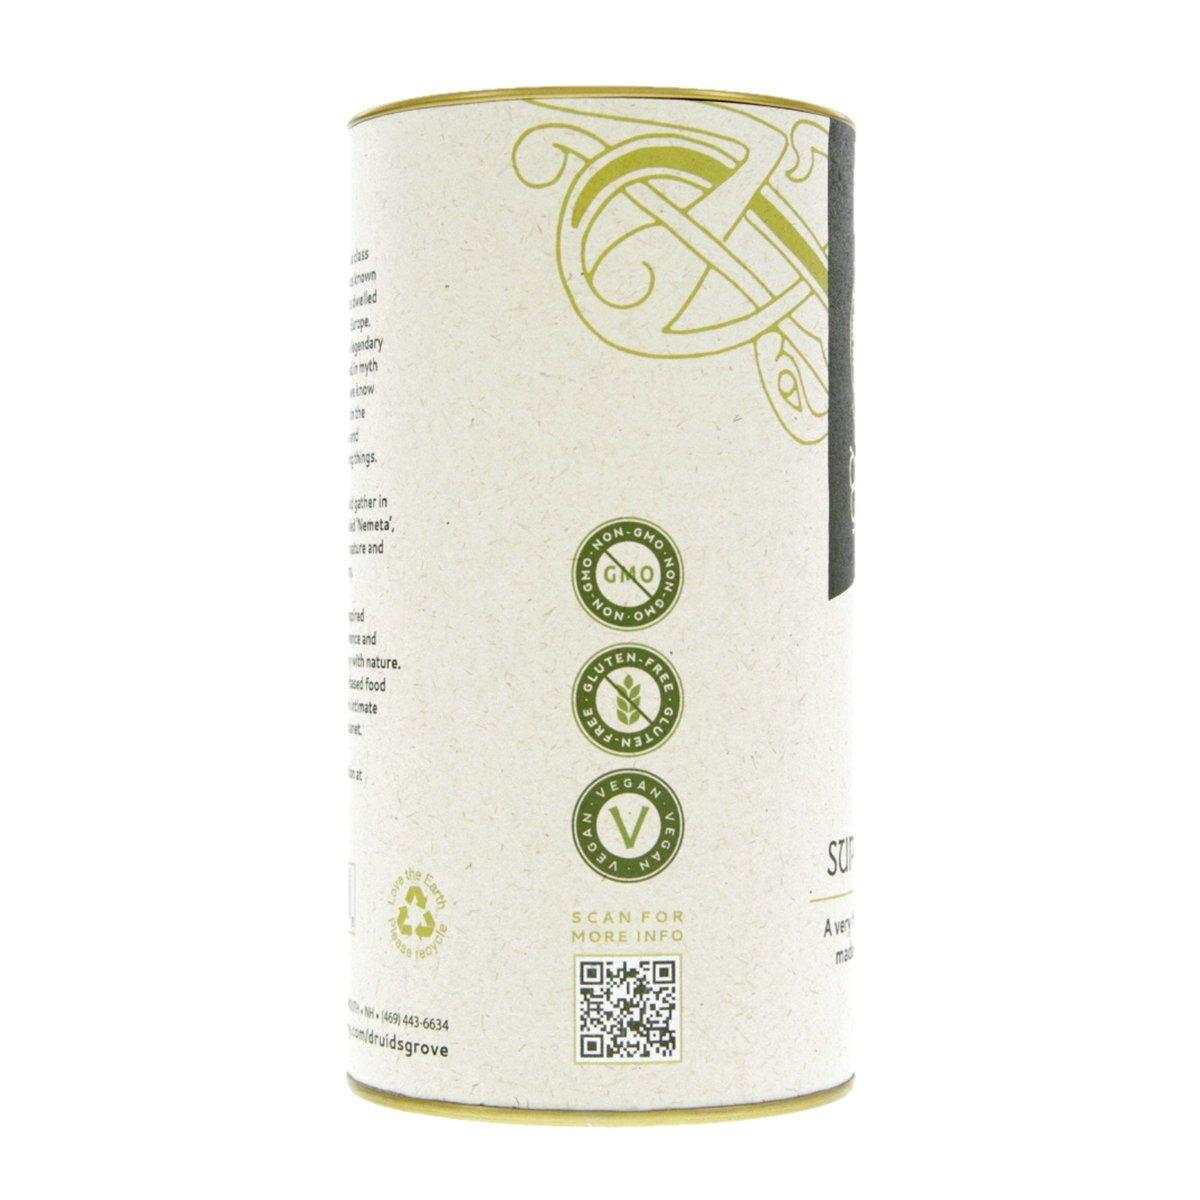 Druids Grove Super Agar ☮ Vegan ⊘ Non-GMO ❤ Gluten-Free ✡ OU Kosher Certified - 8 oz. by Druids Grove (Image #4)